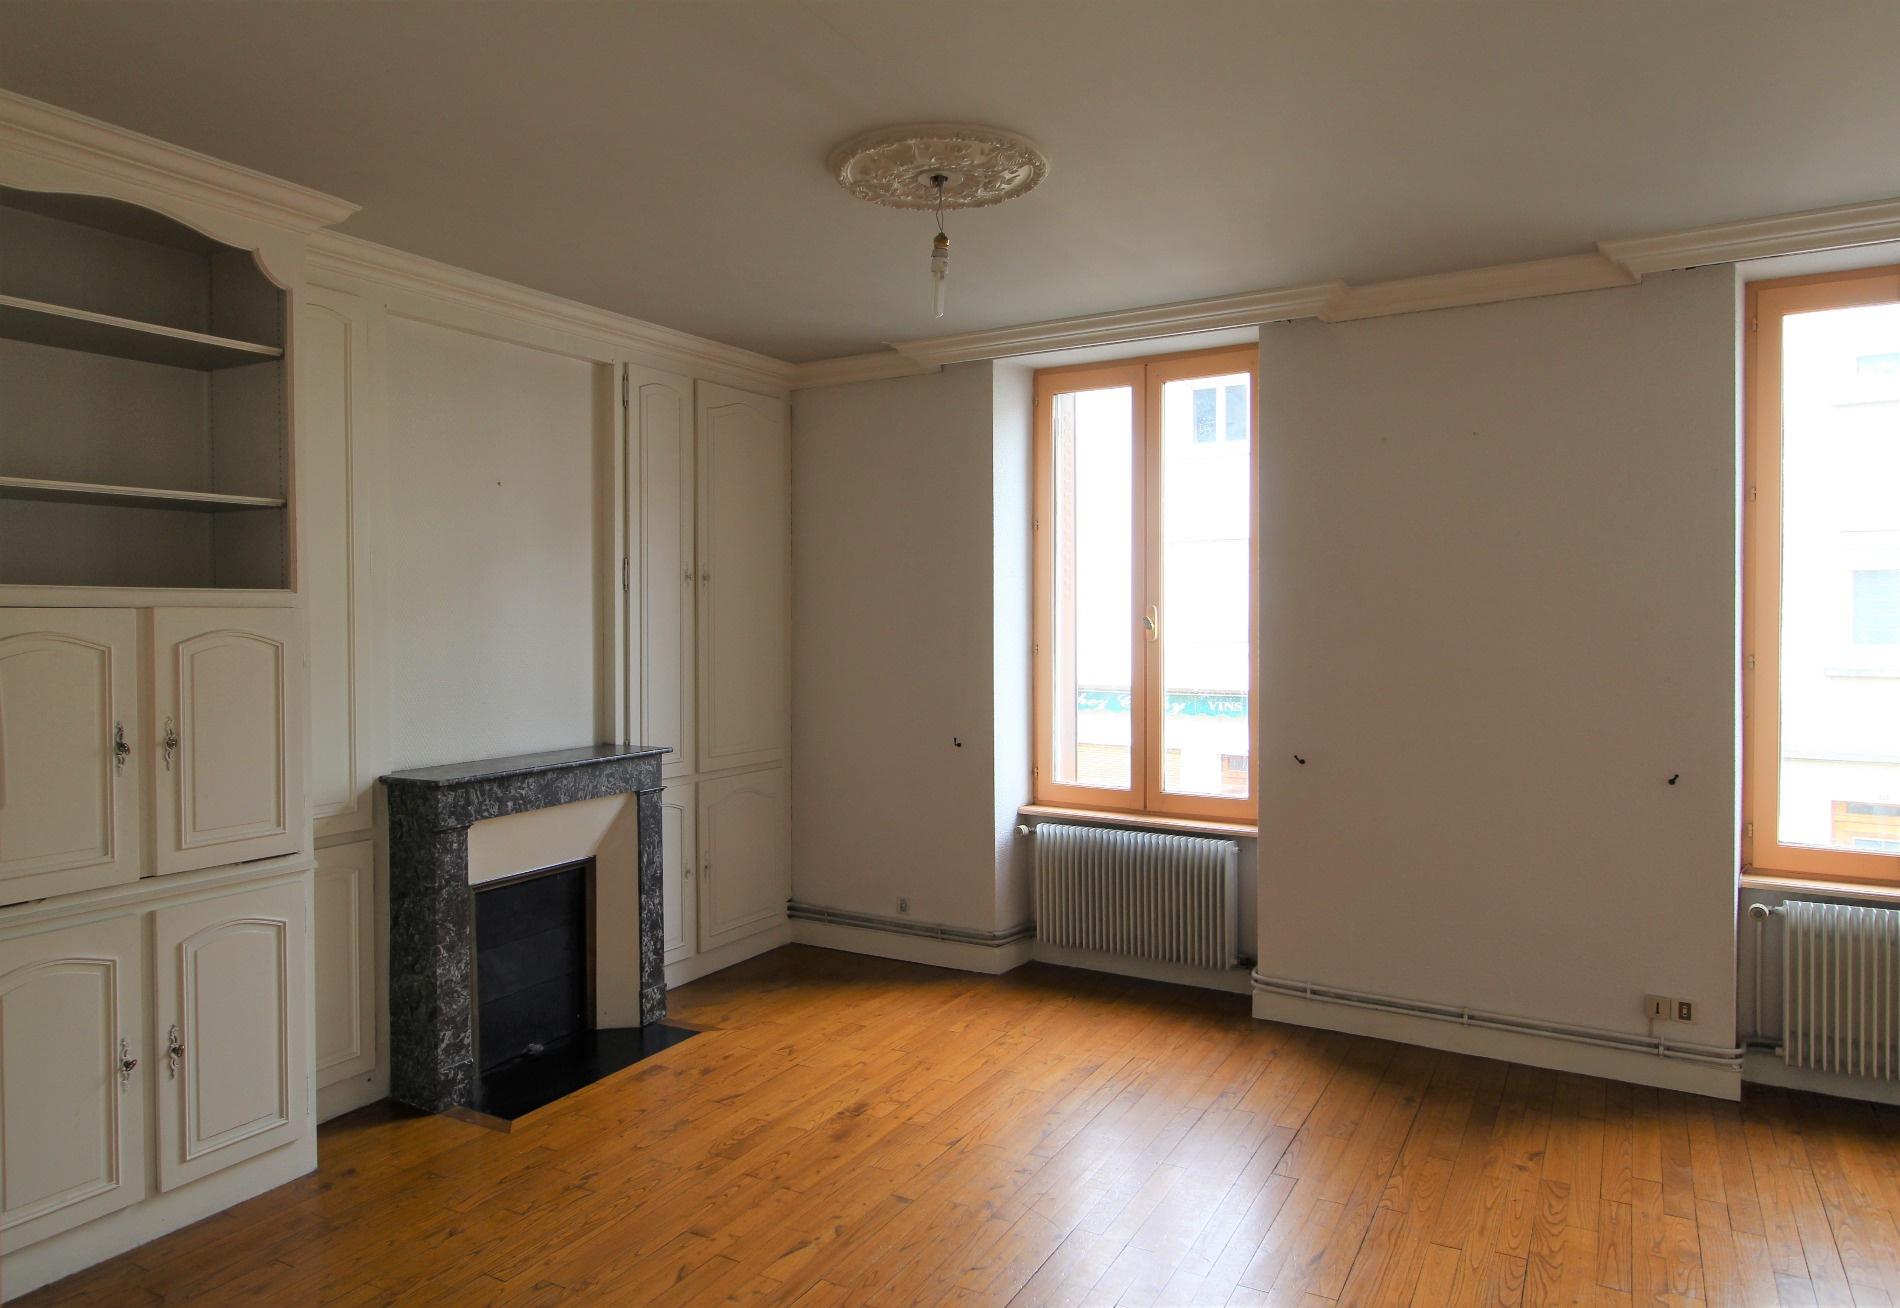 vente clermont ferrand immeuble de rapport avec local. Black Bedroom Furniture Sets. Home Design Ideas